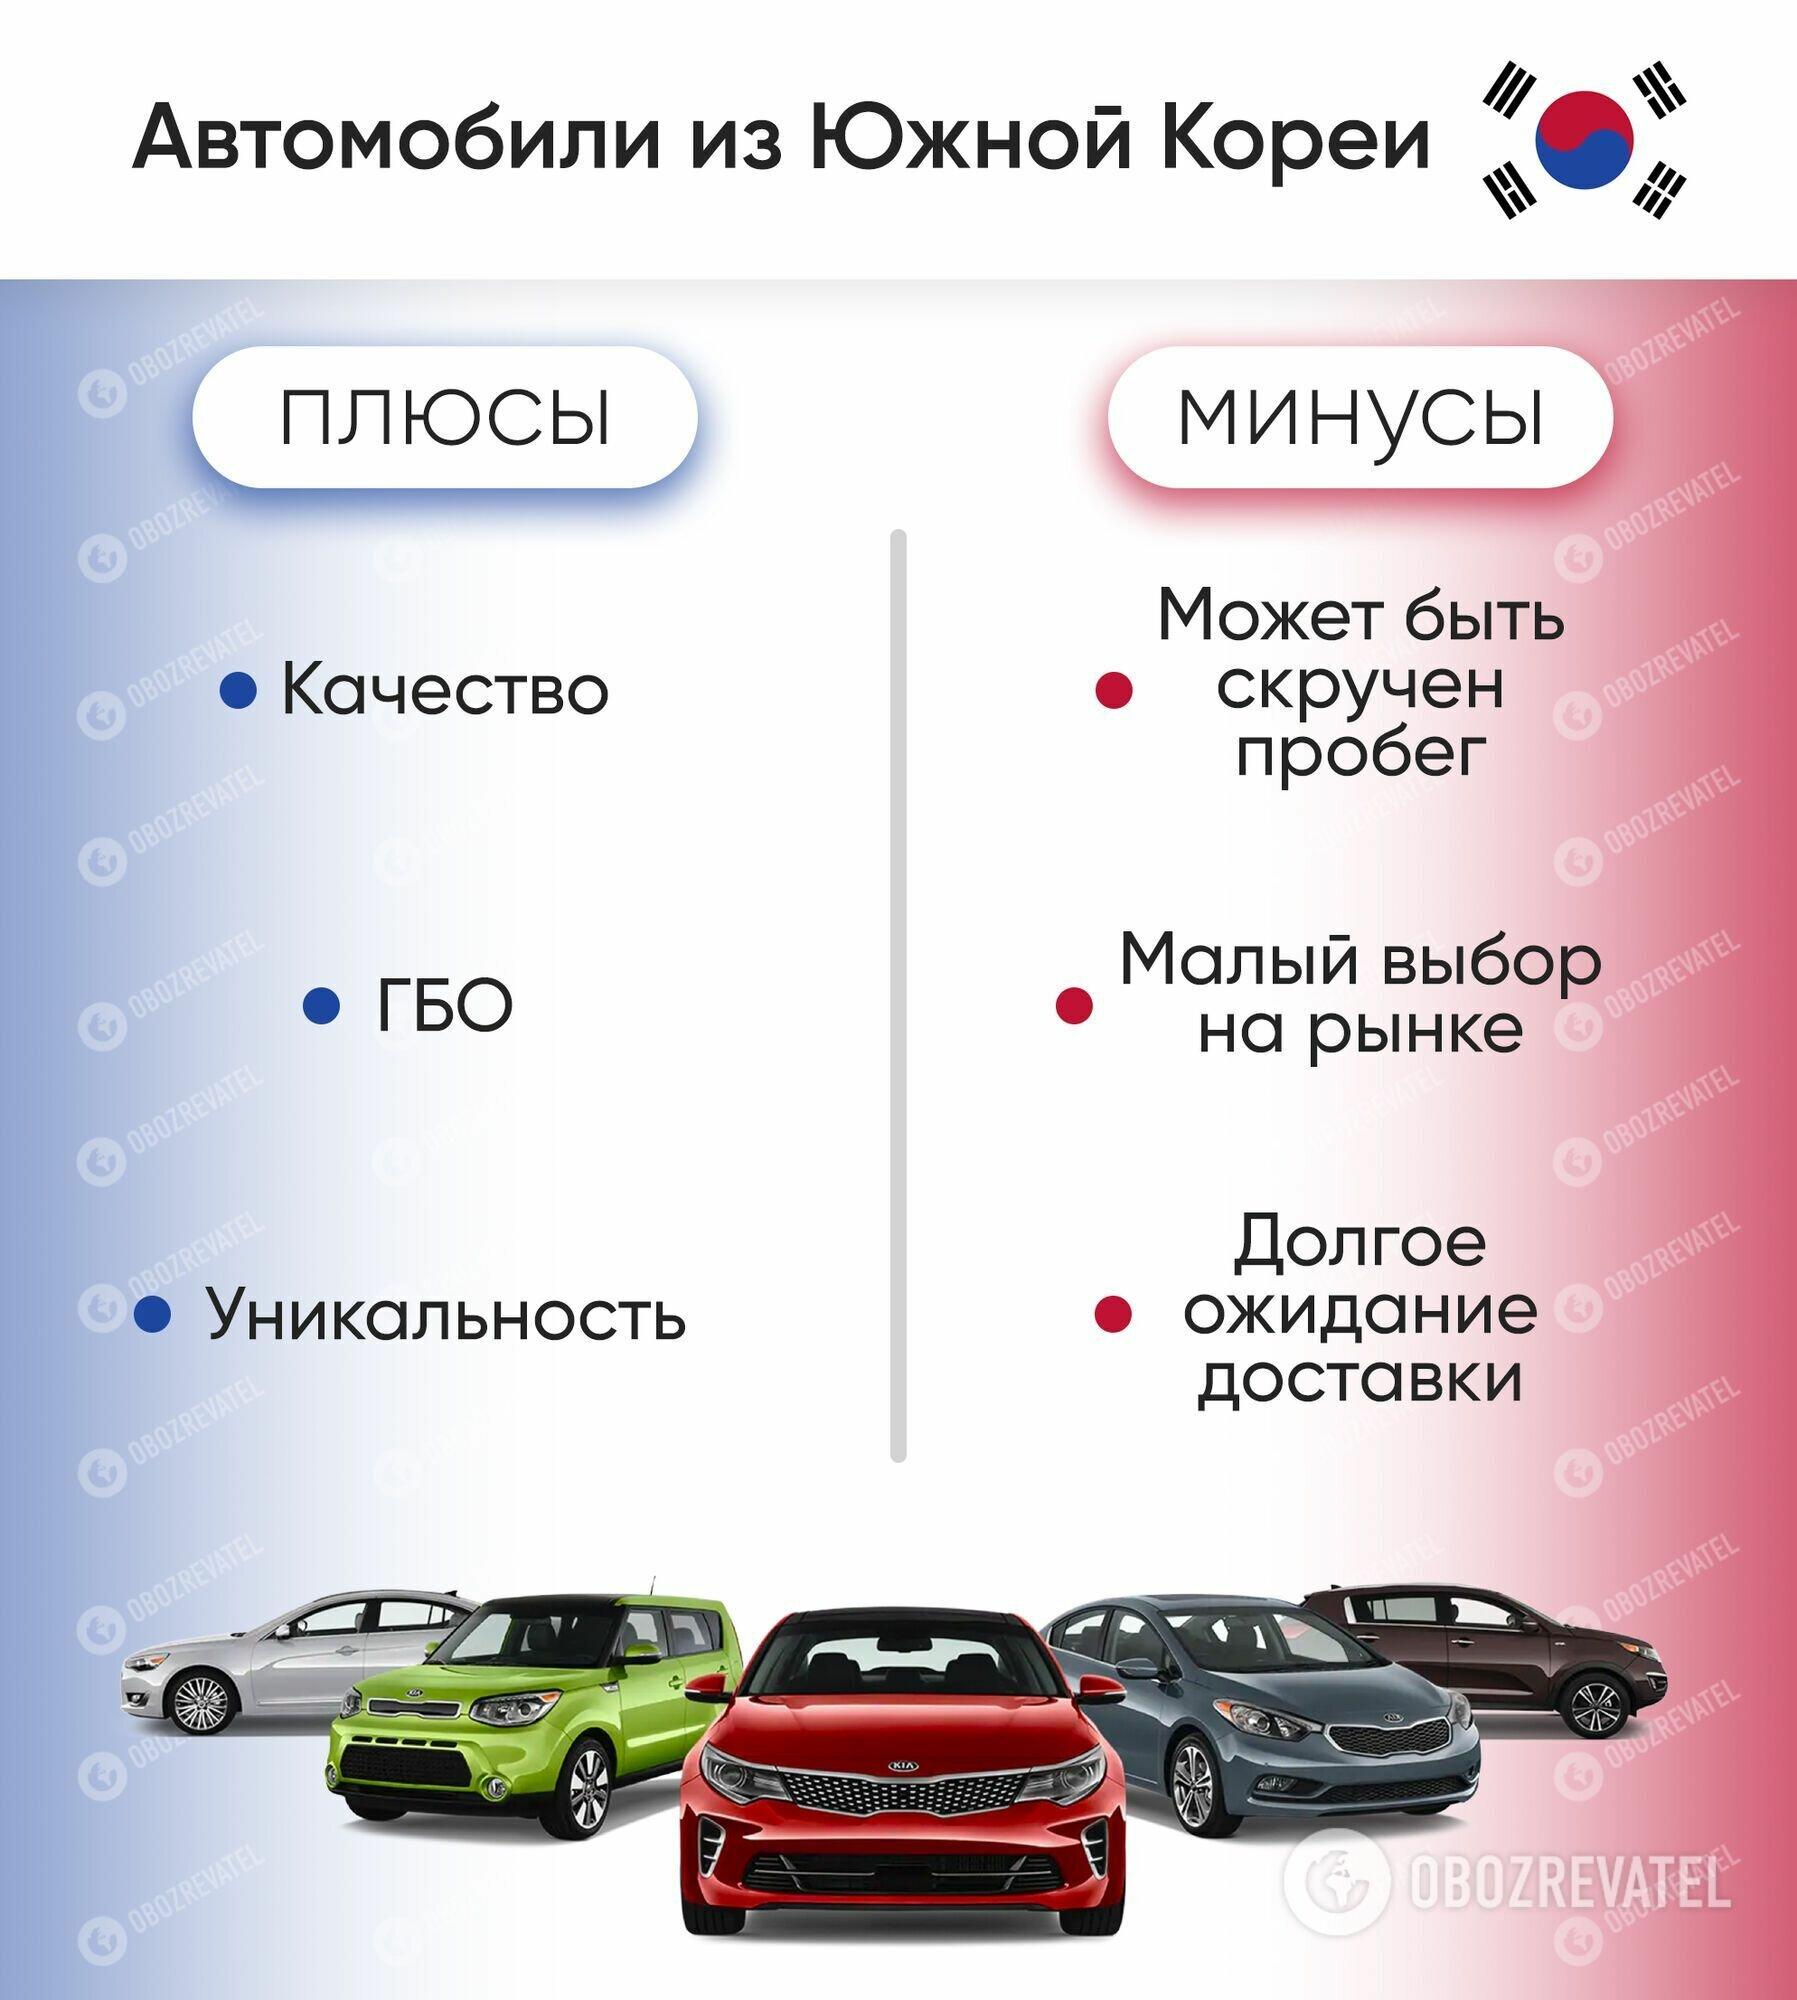 Плюсы и минусы автомобилей из Южной Кореи